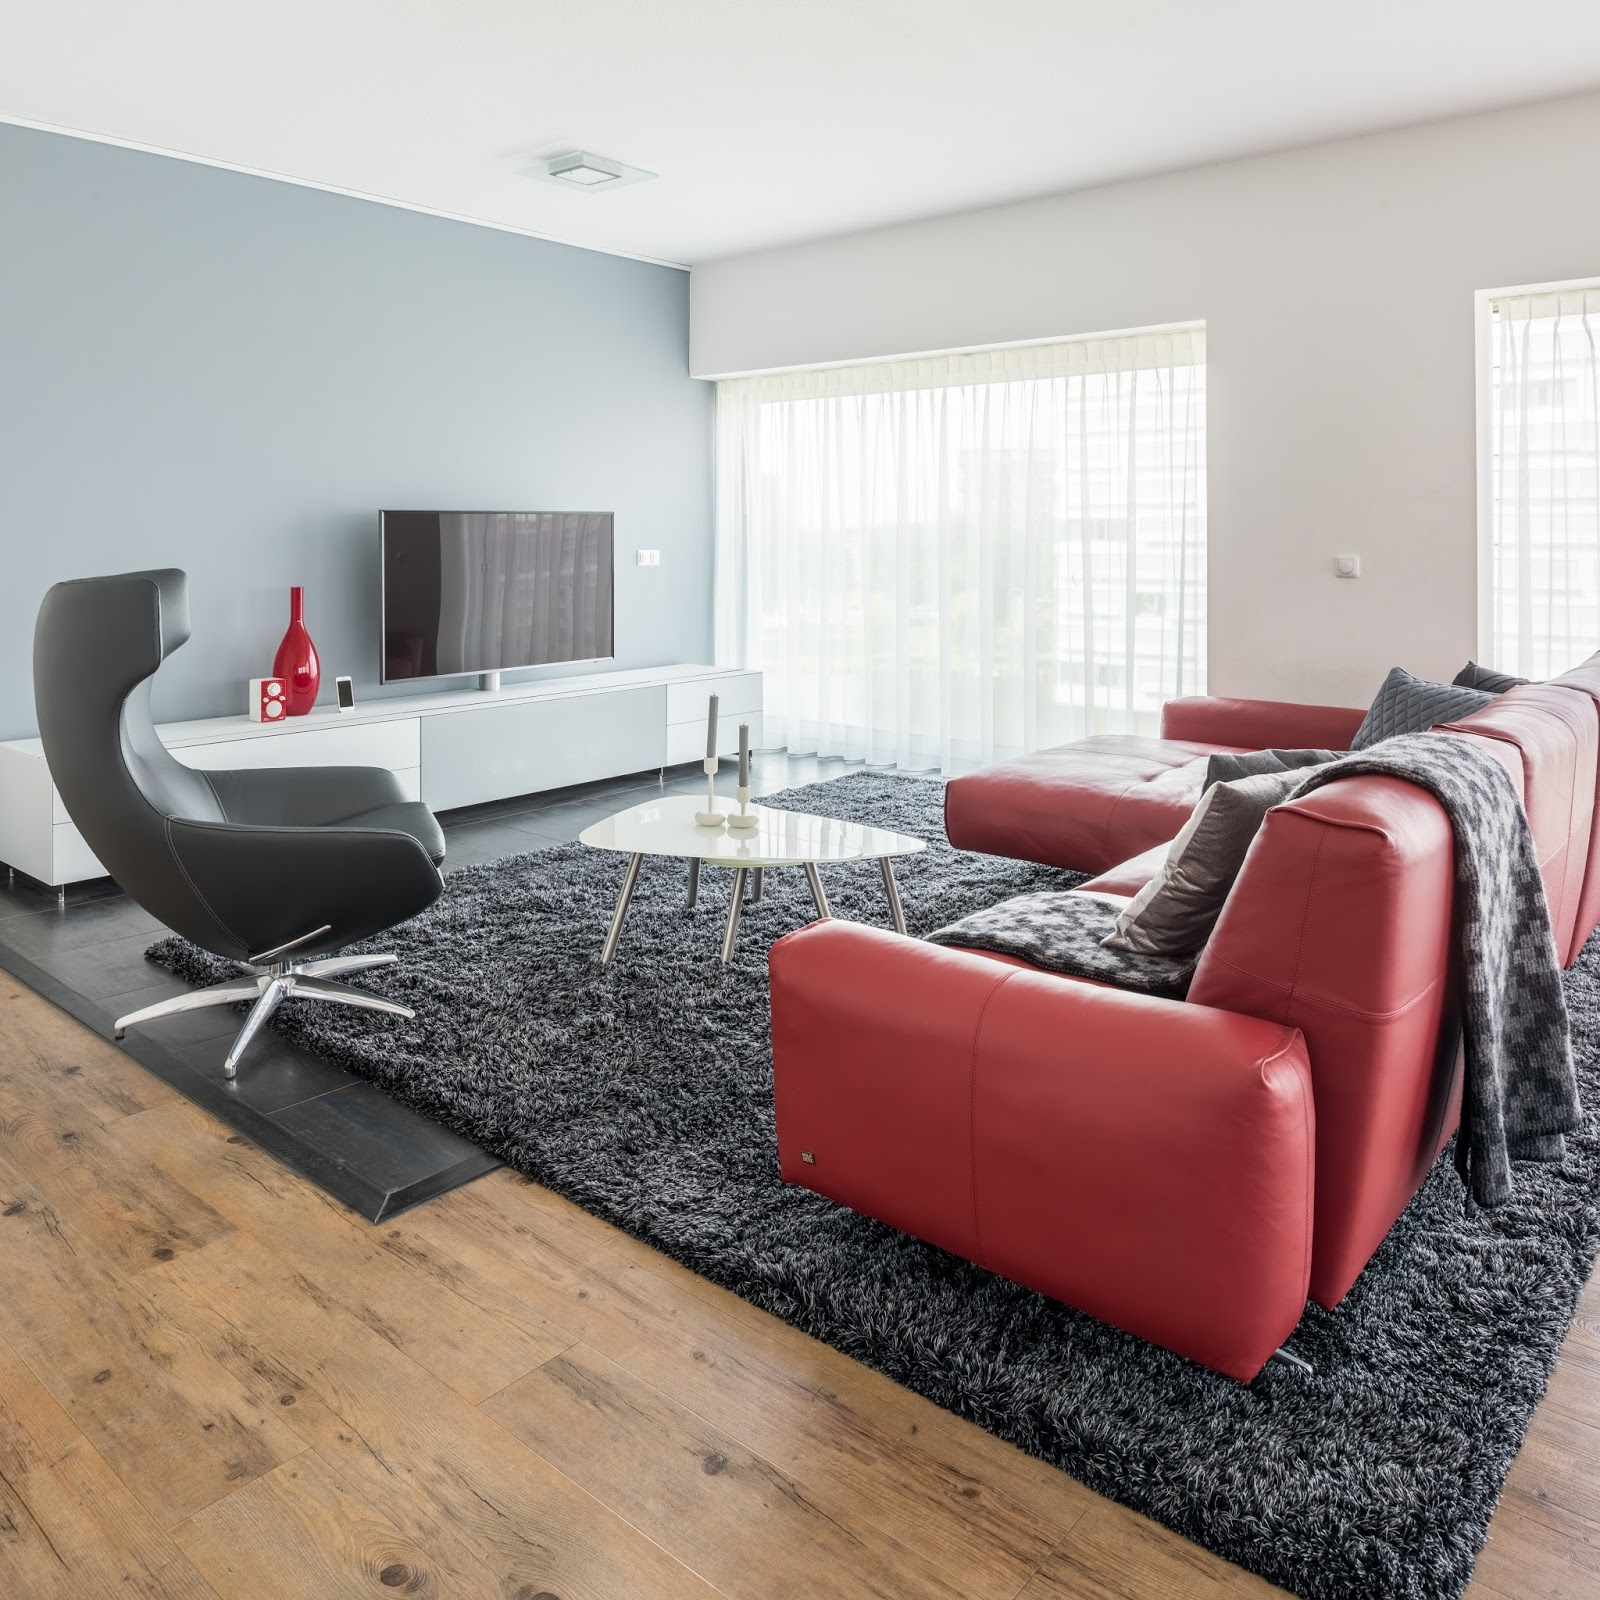 interieuradvies in beeld nr 1 kok wooncenter inspiratie blog. Black Bedroom Furniture Sets. Home Design Ideas